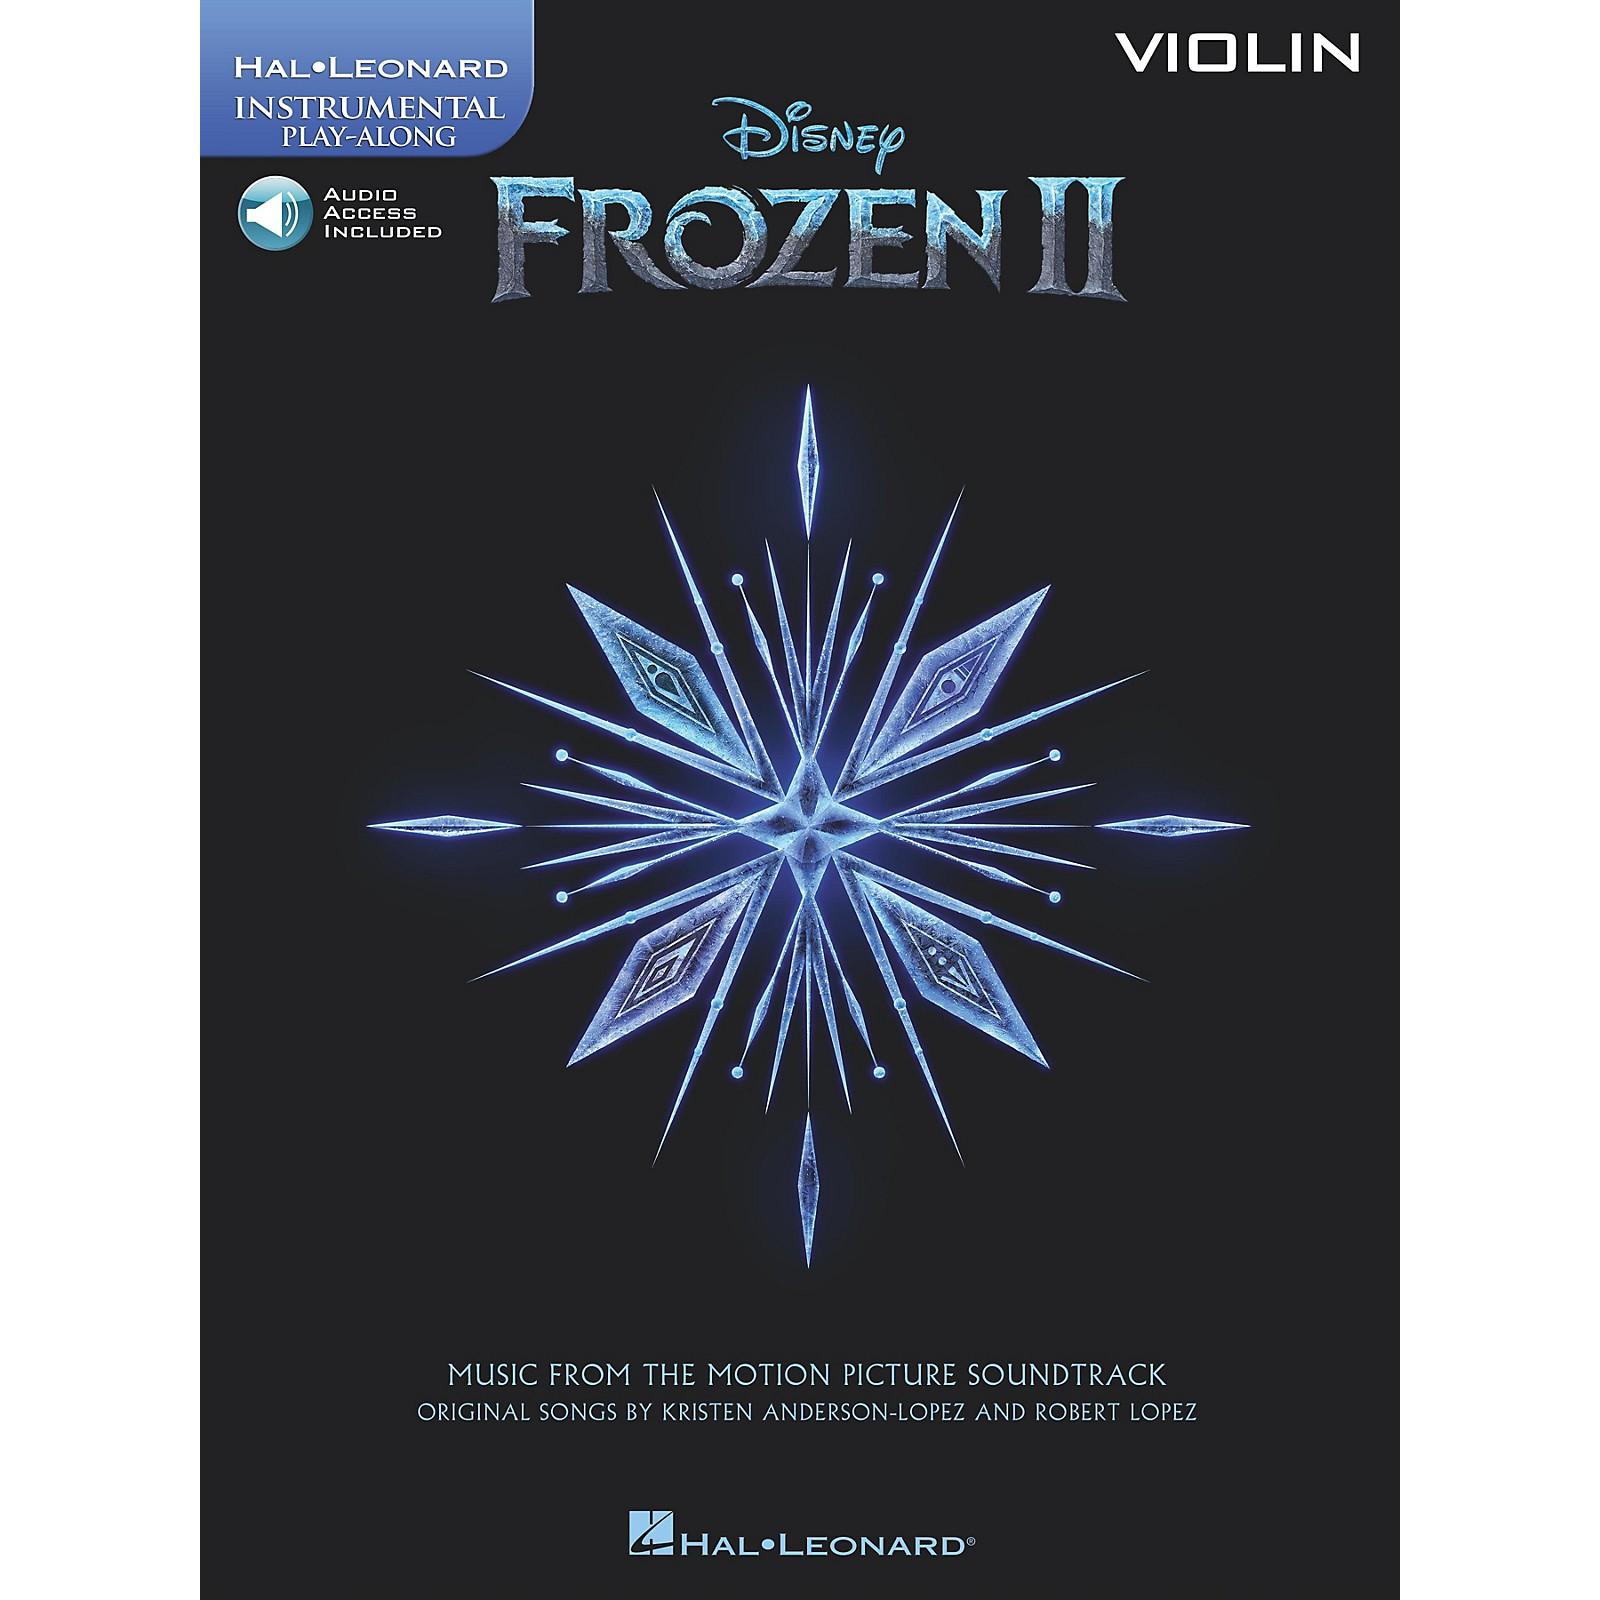 Hal Leonard Frozen II Violin Play-Along Instrumental Songbook Book/Audio Online